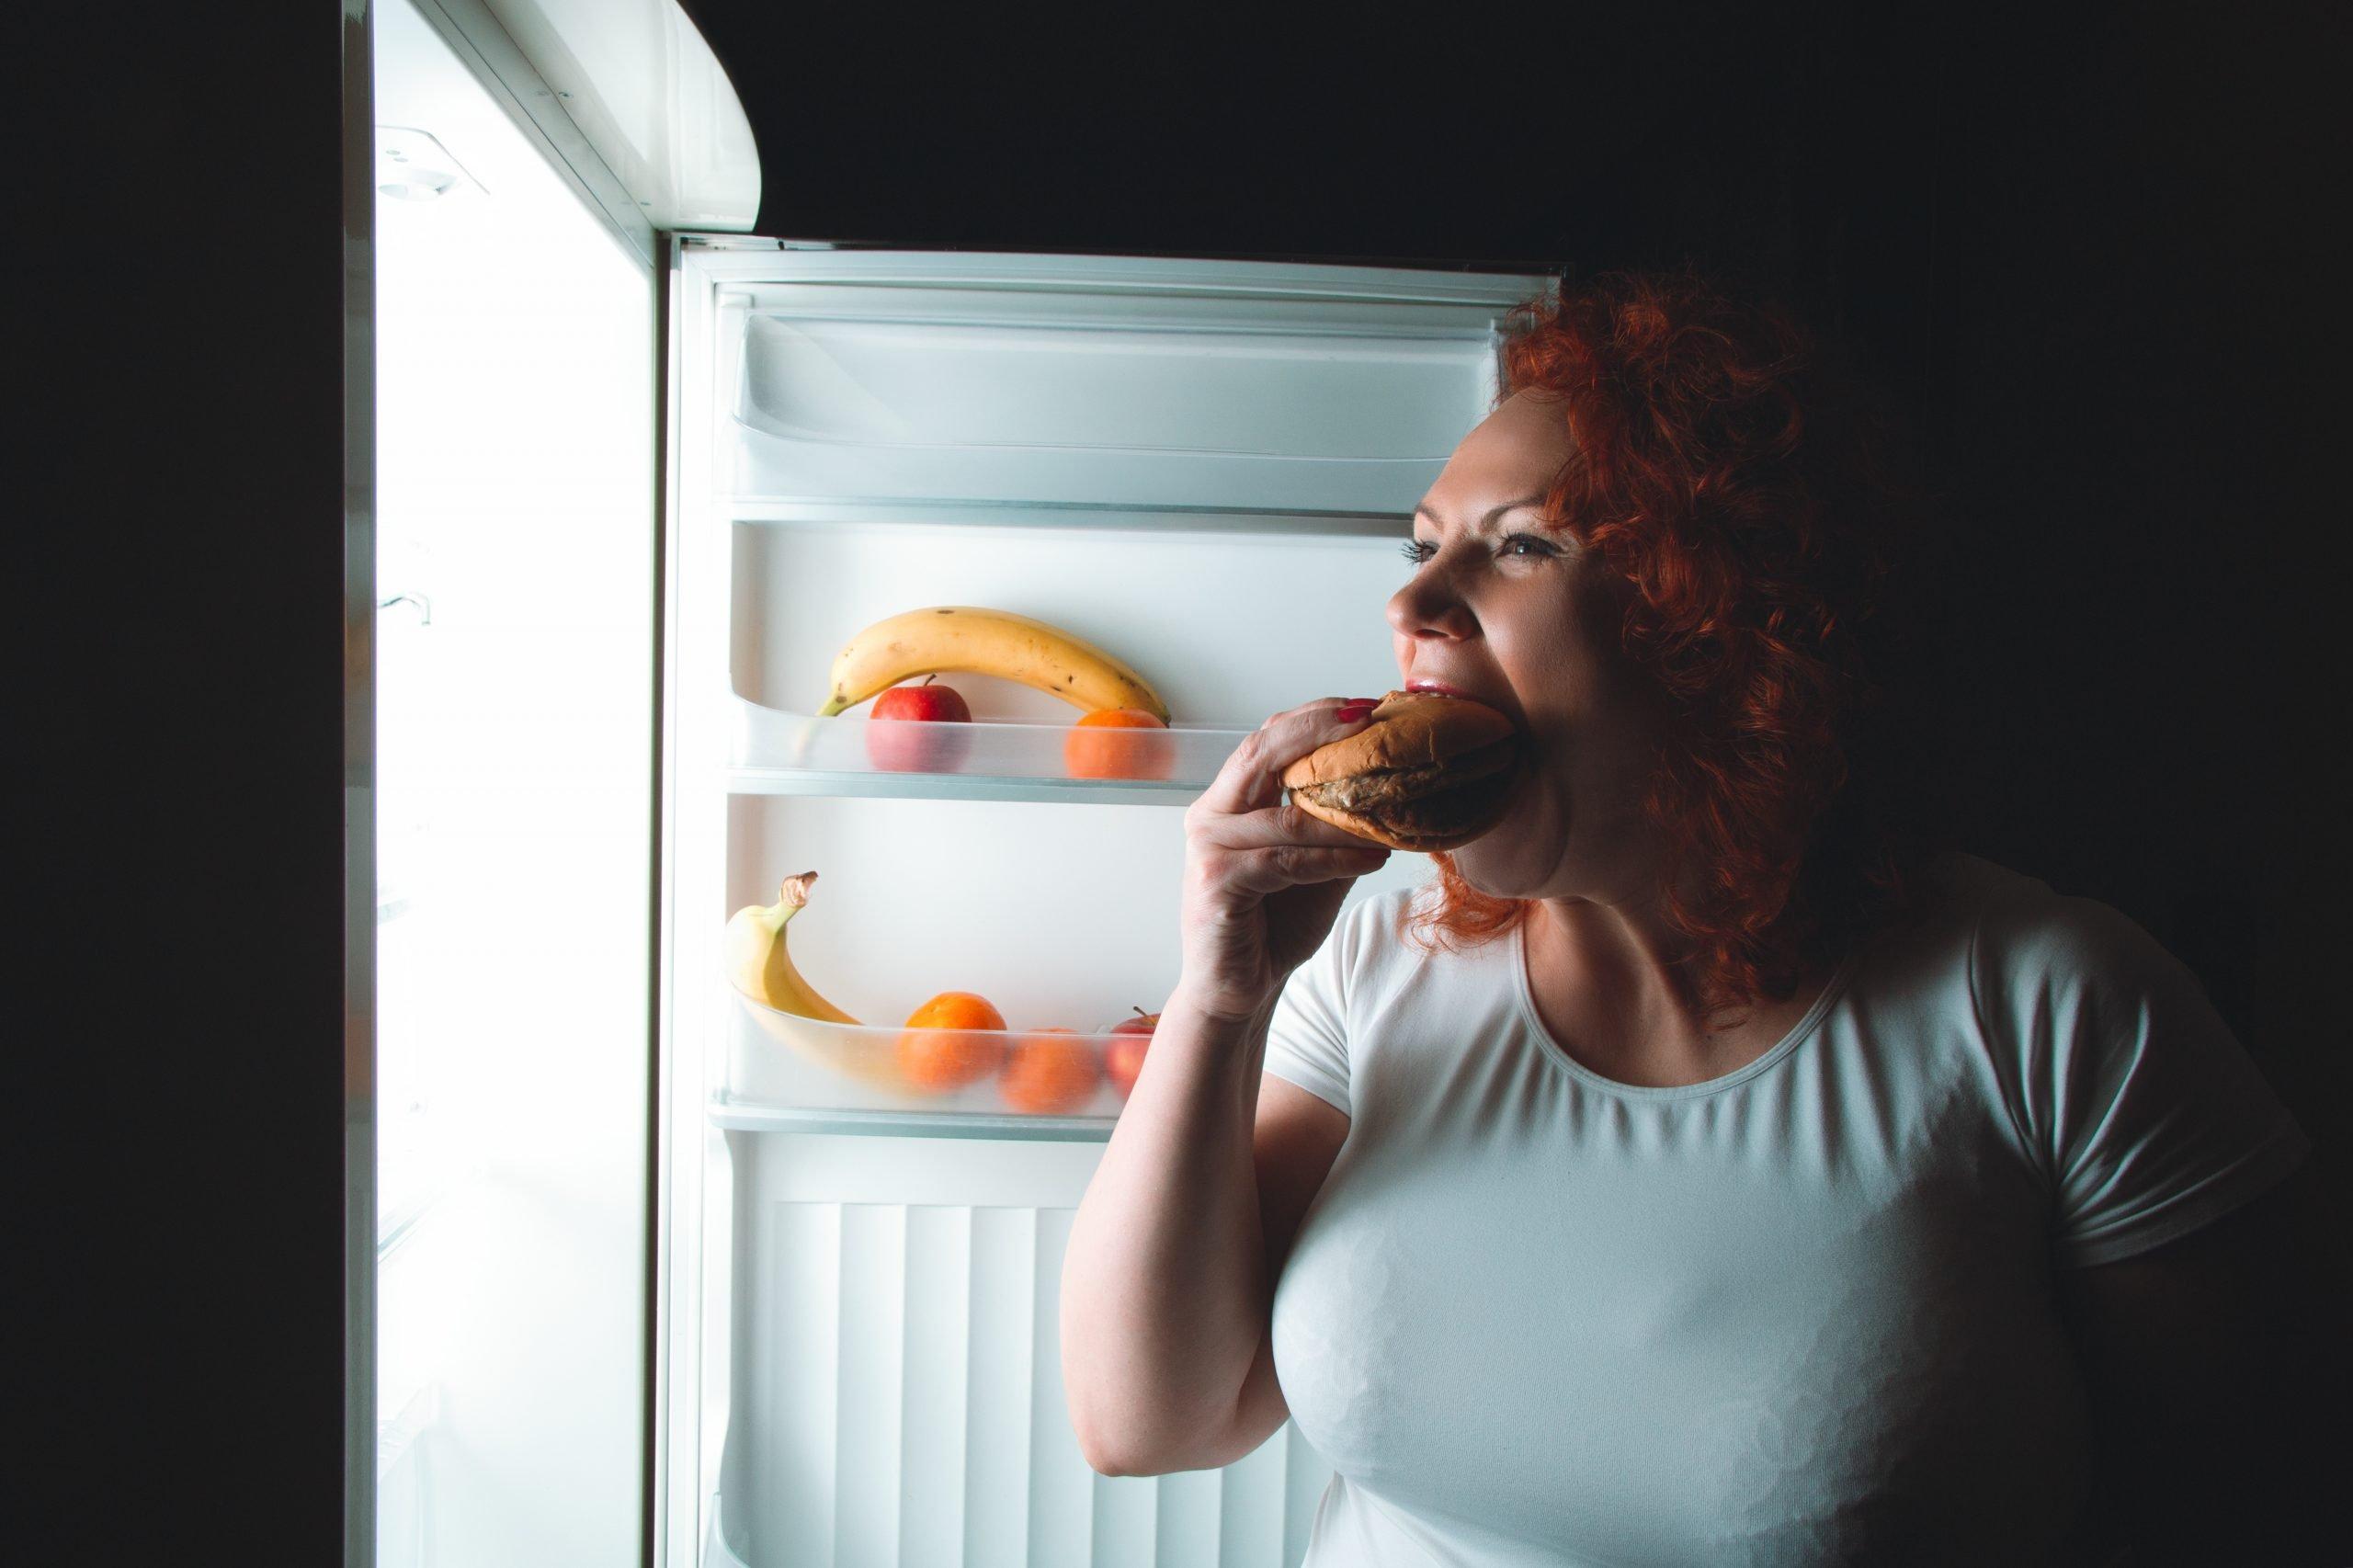 woman bingeing at night